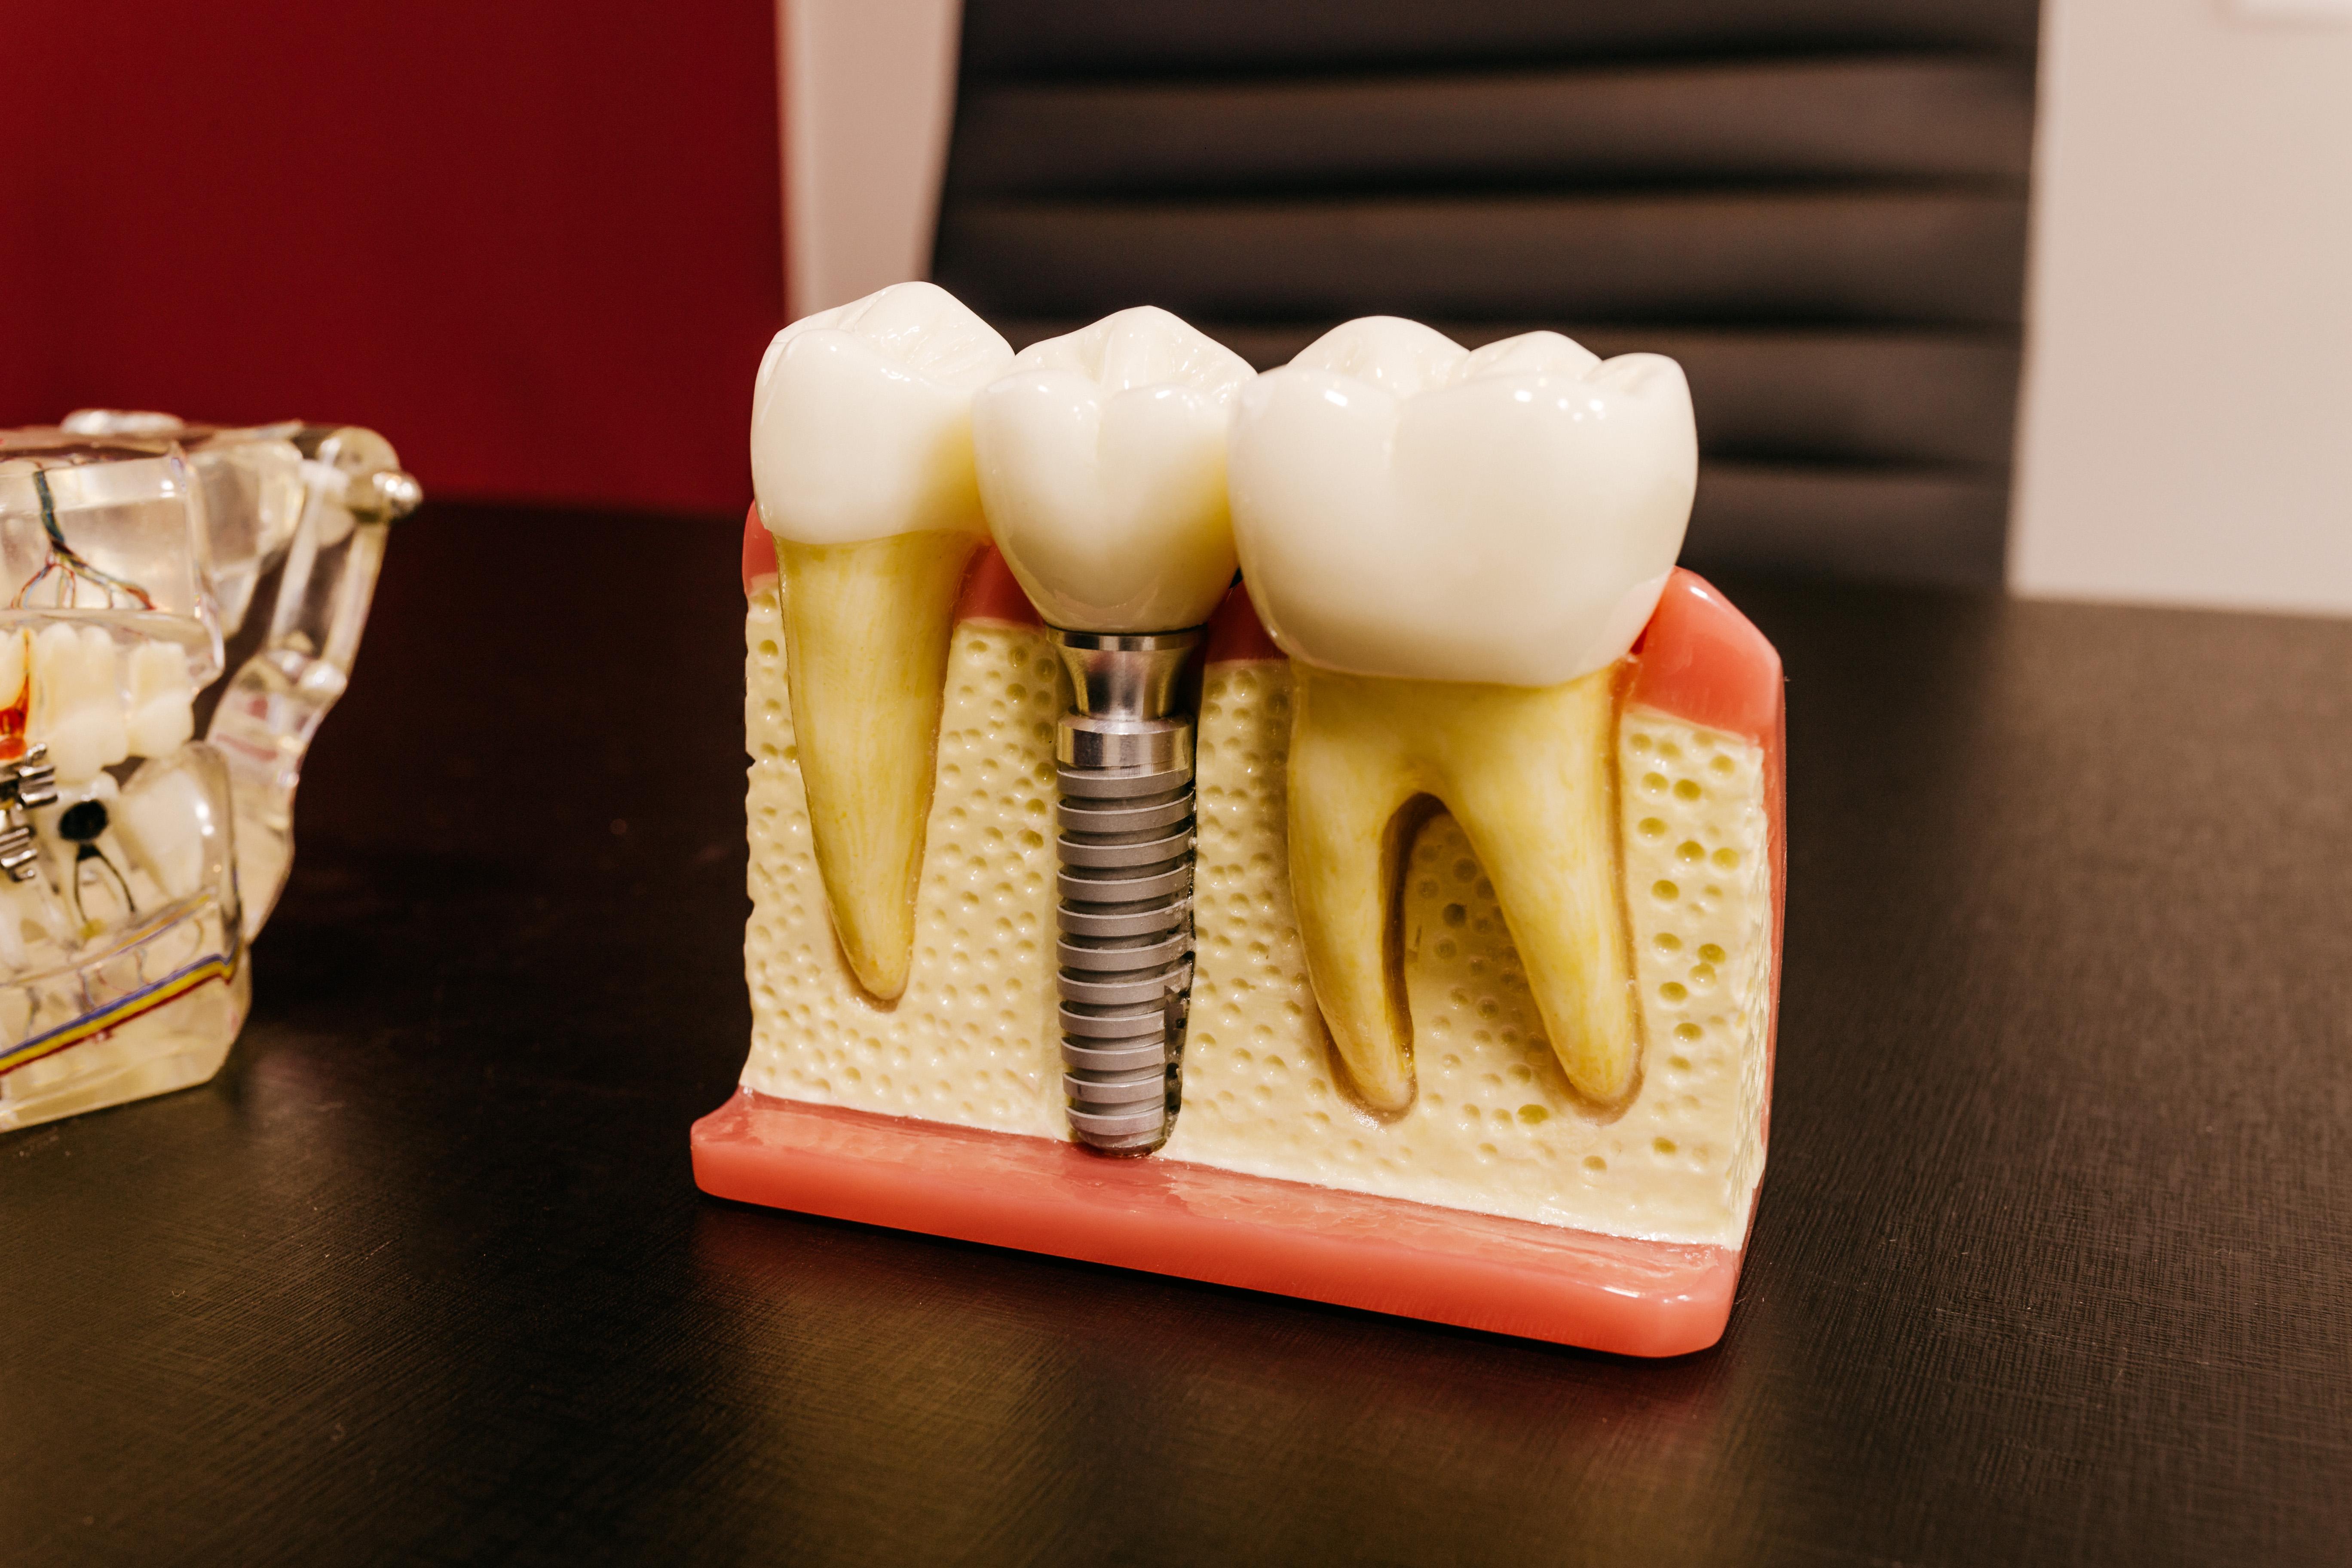 quanto dura un impianto dentale